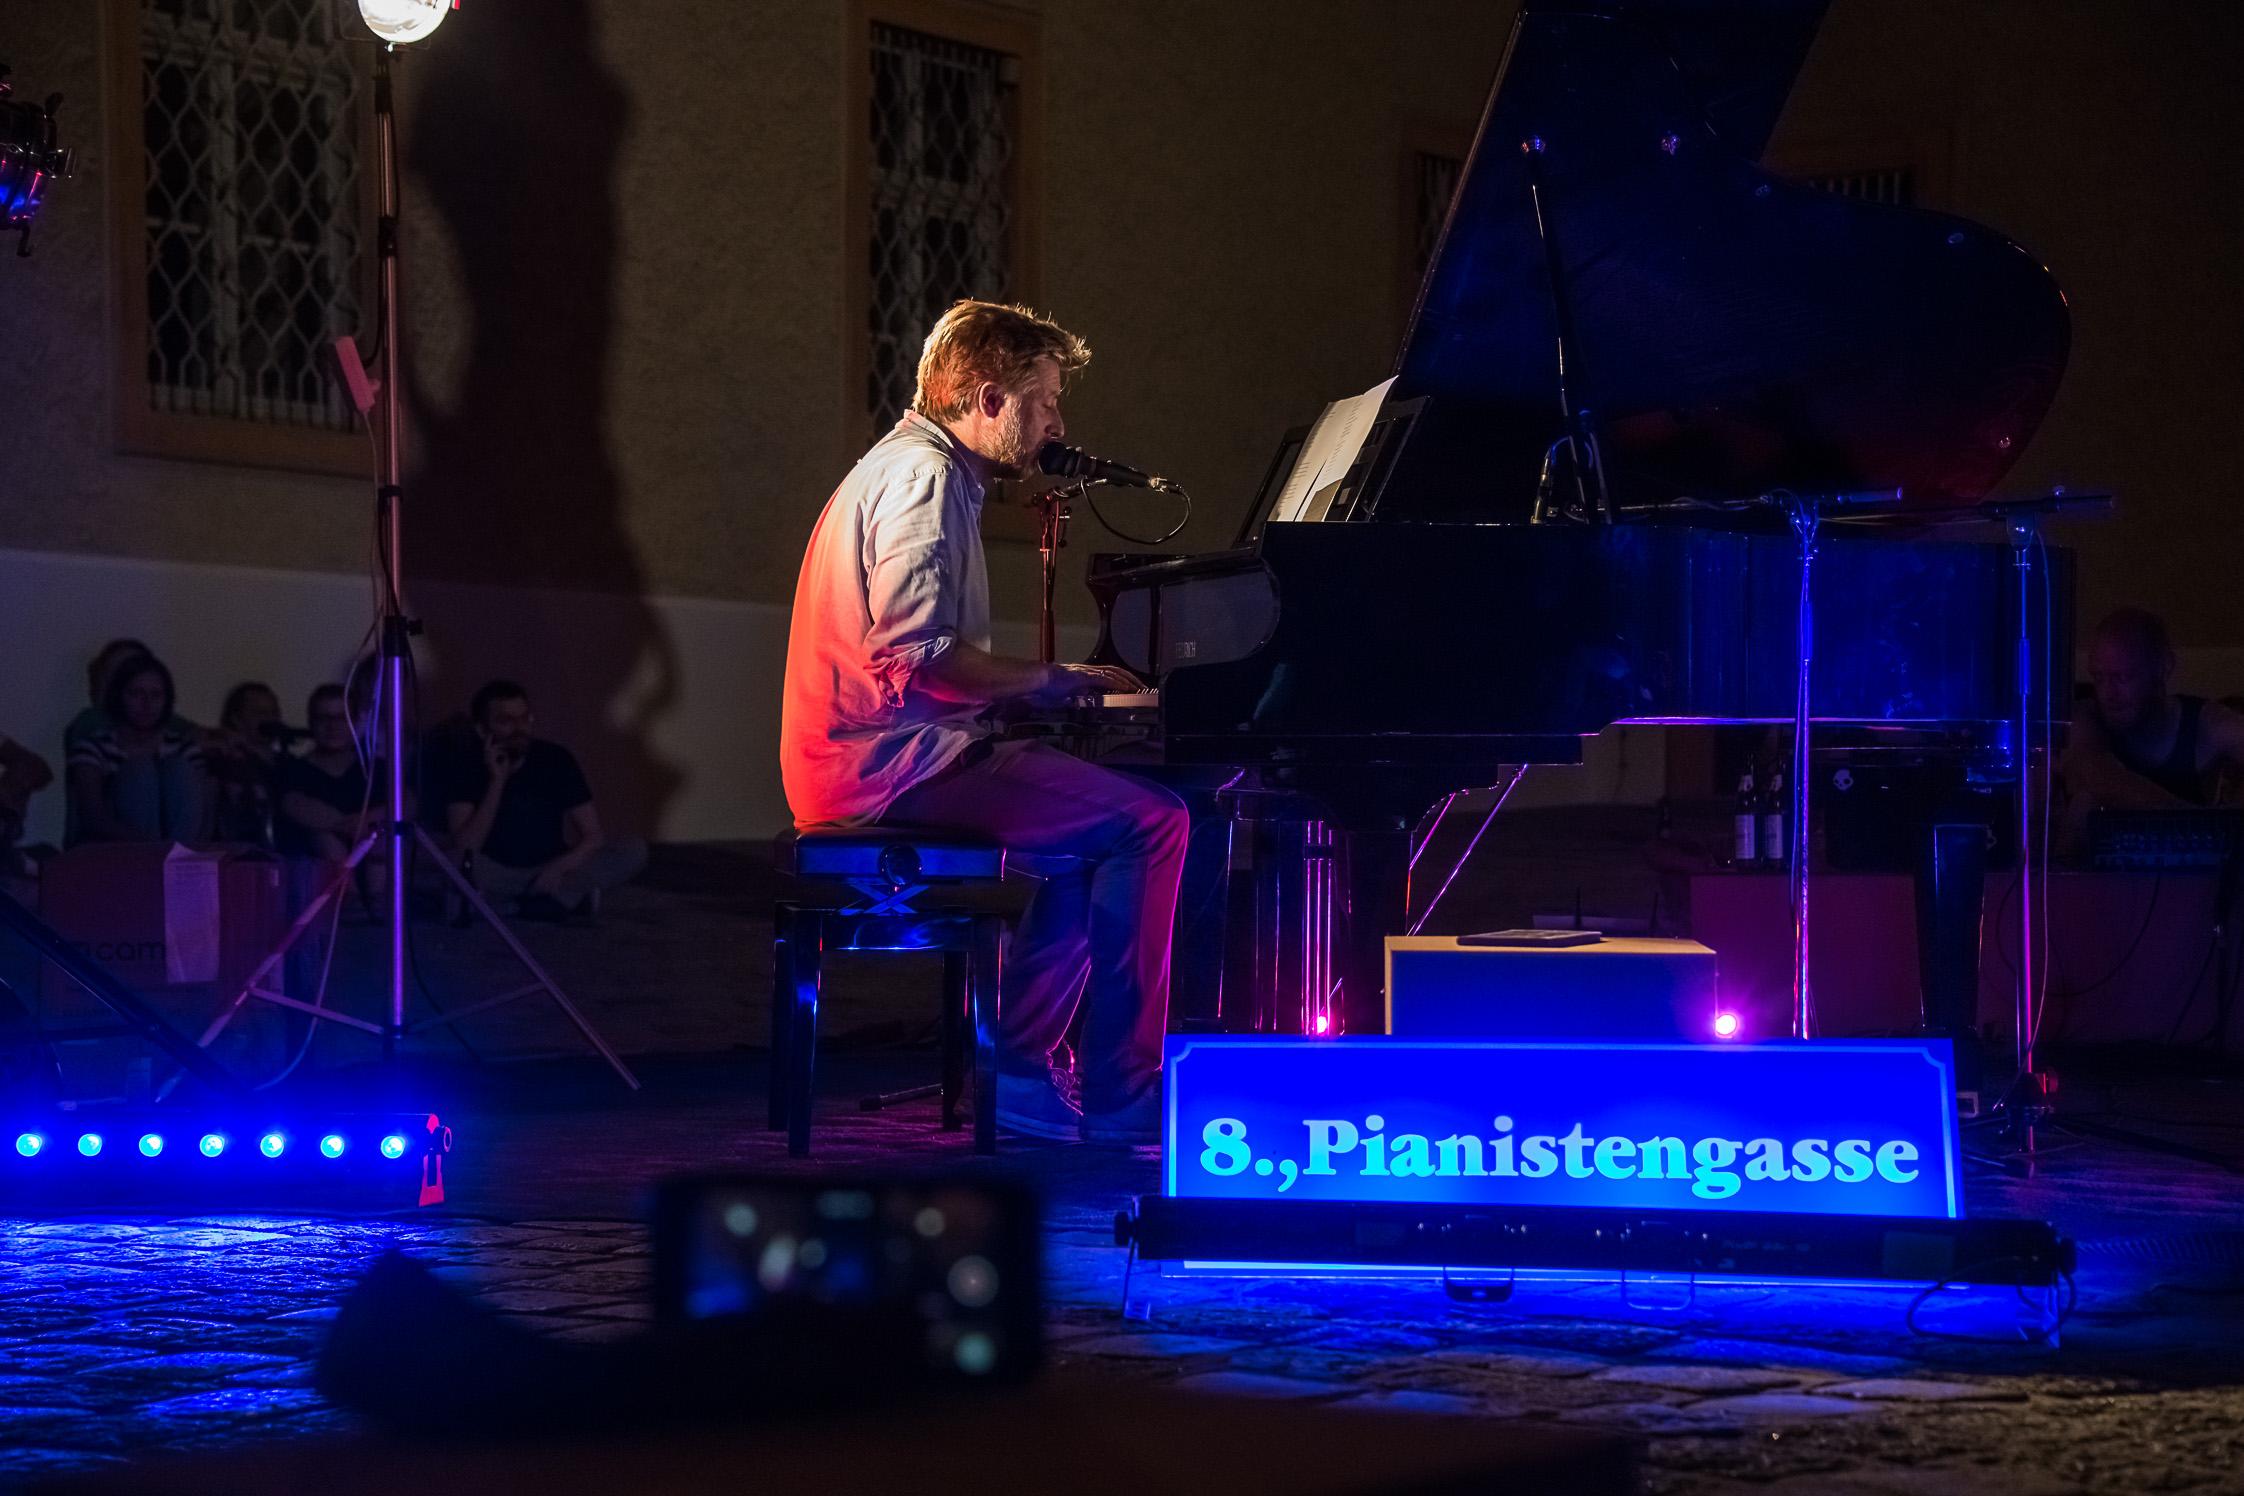 Pianistengasse